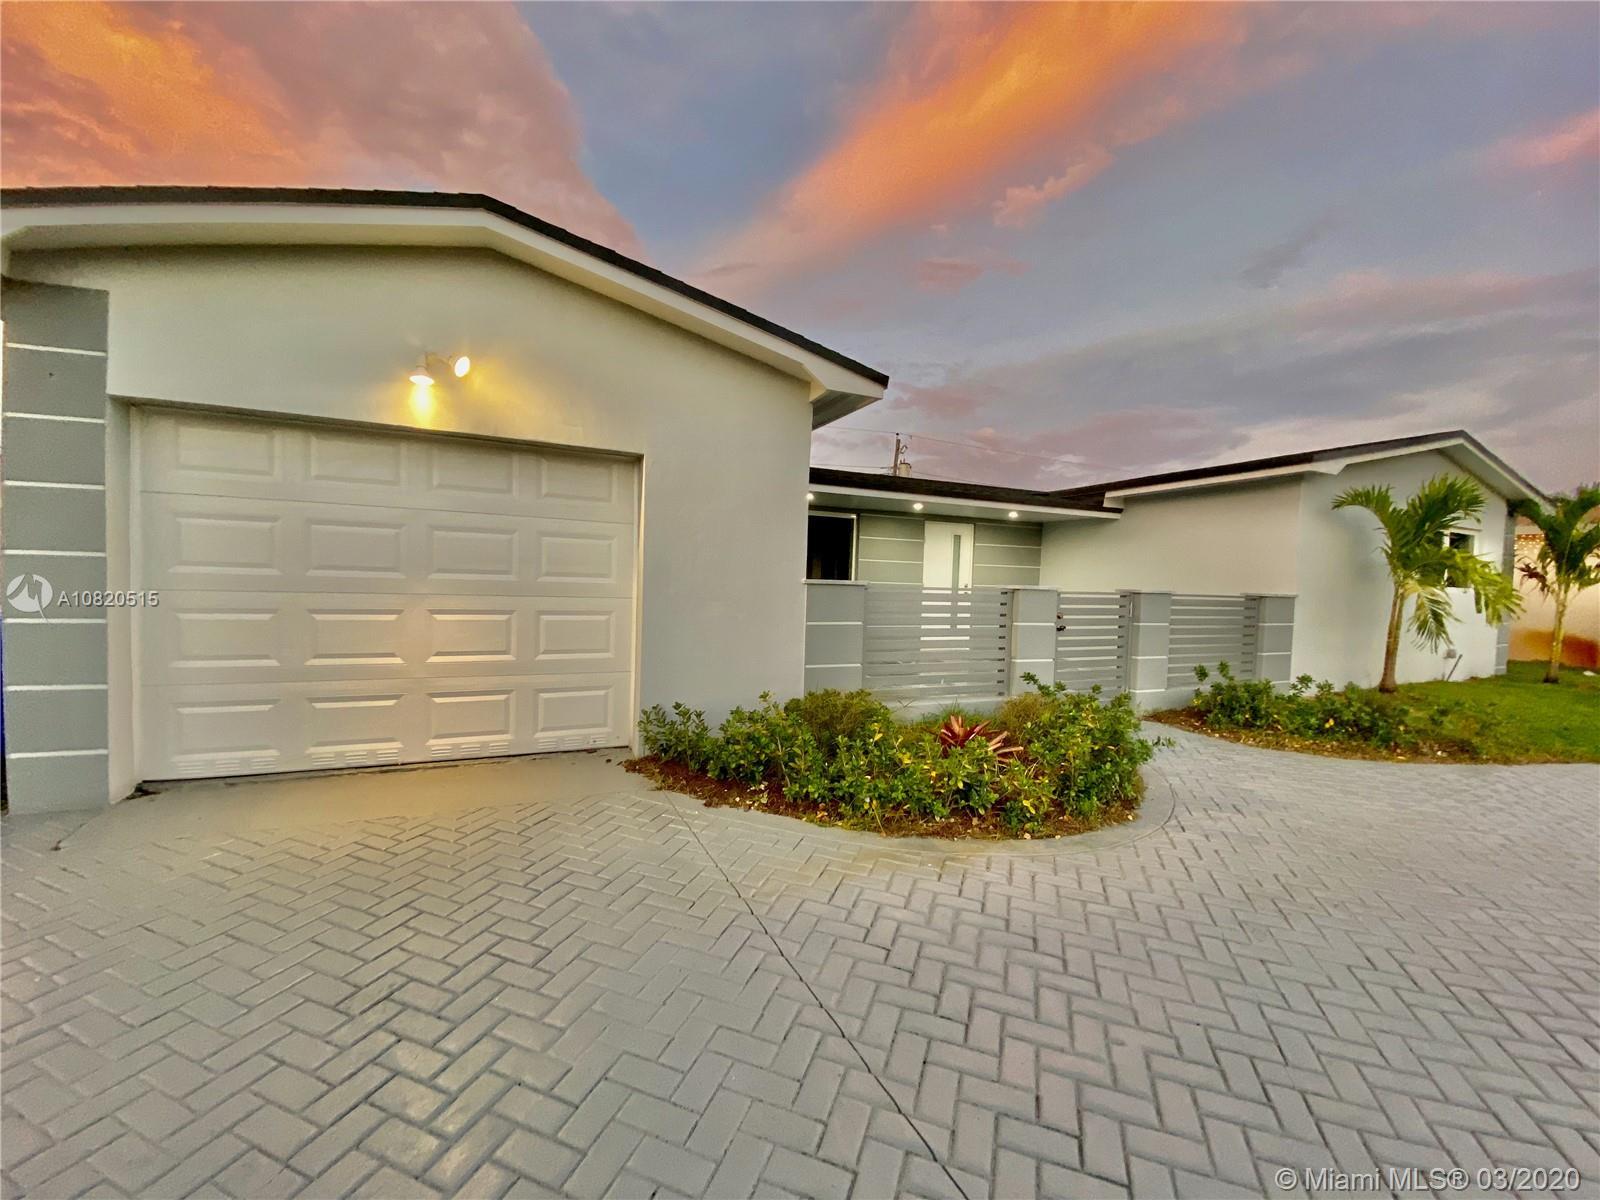 7741 NW 6th Ct, Pembroke Pines, FL 33024